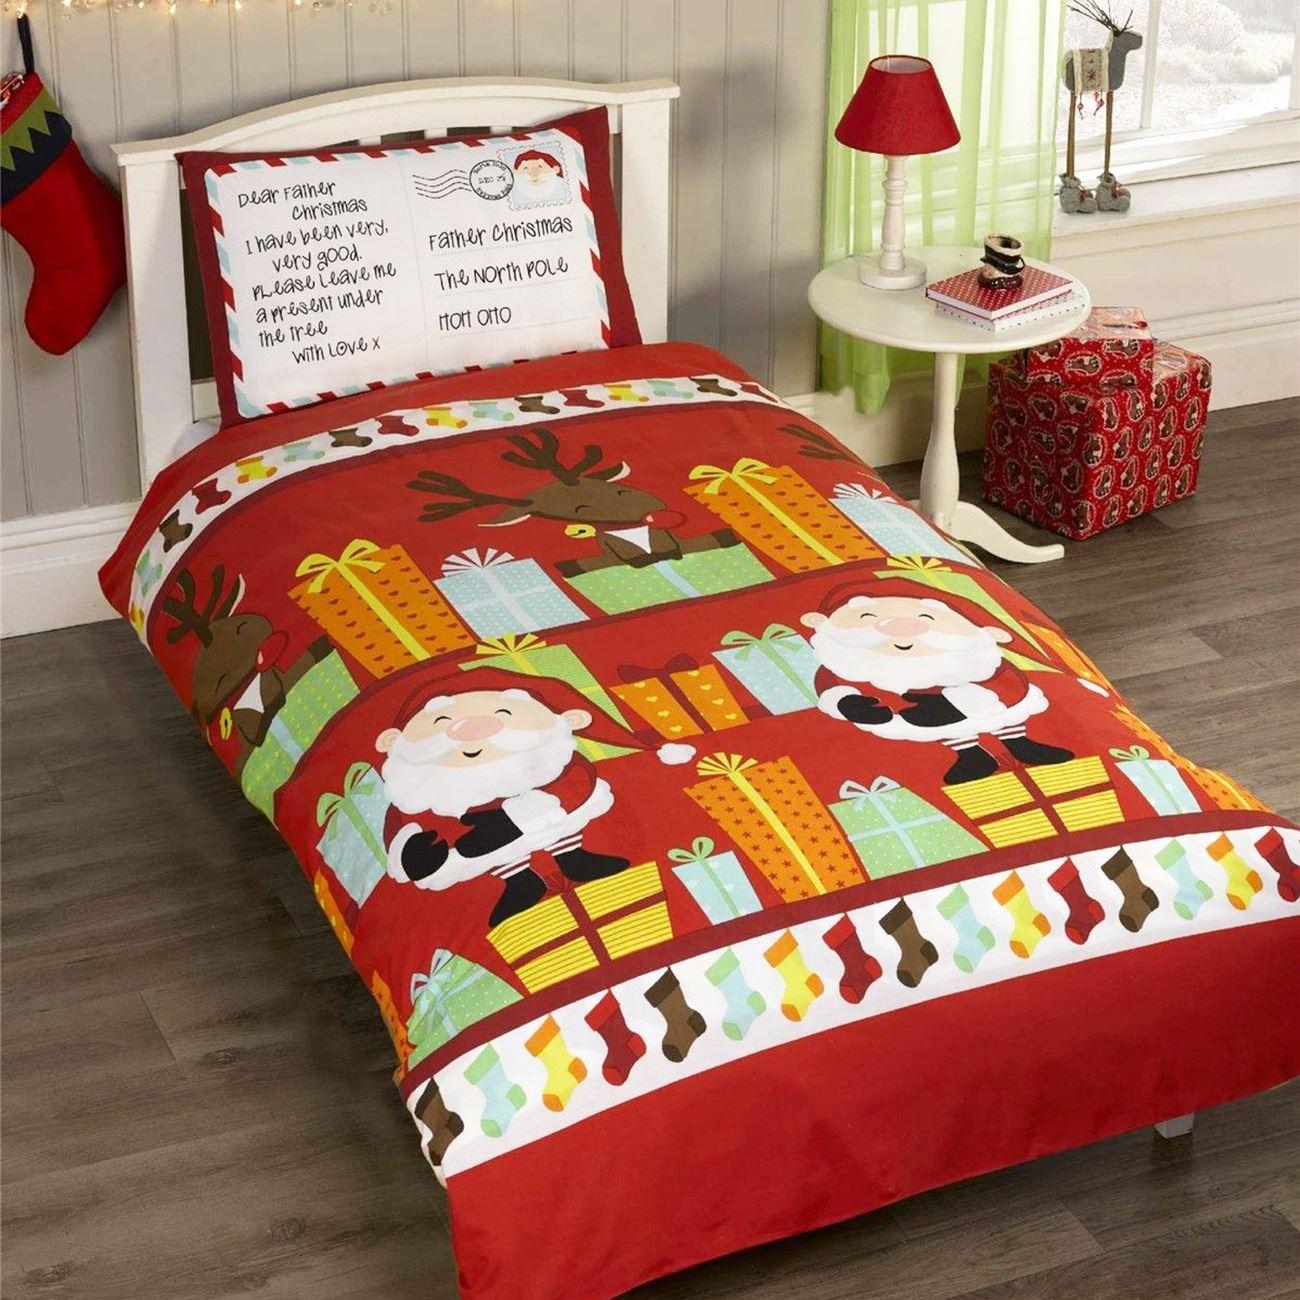 Indexbild 72 - Kinder Weihnachten Bettbezug Sets - Junior Einzel Doppel King - Elf Emoji Grinch